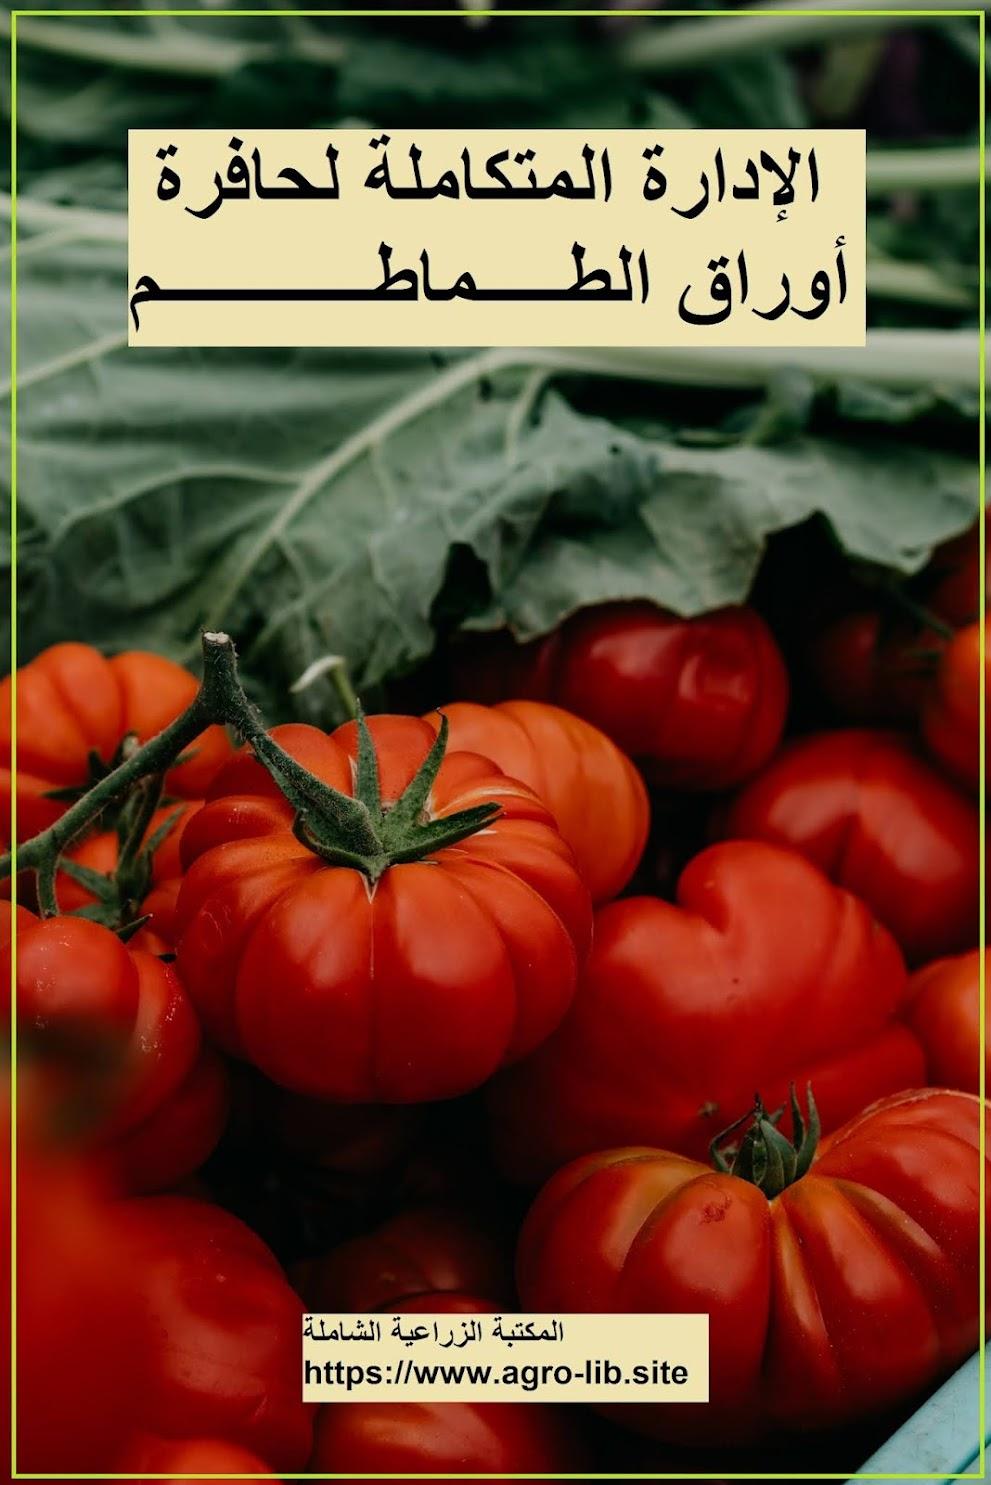 كتاب : الإدارة المتكاملة لحافرة أوراق الطماطم